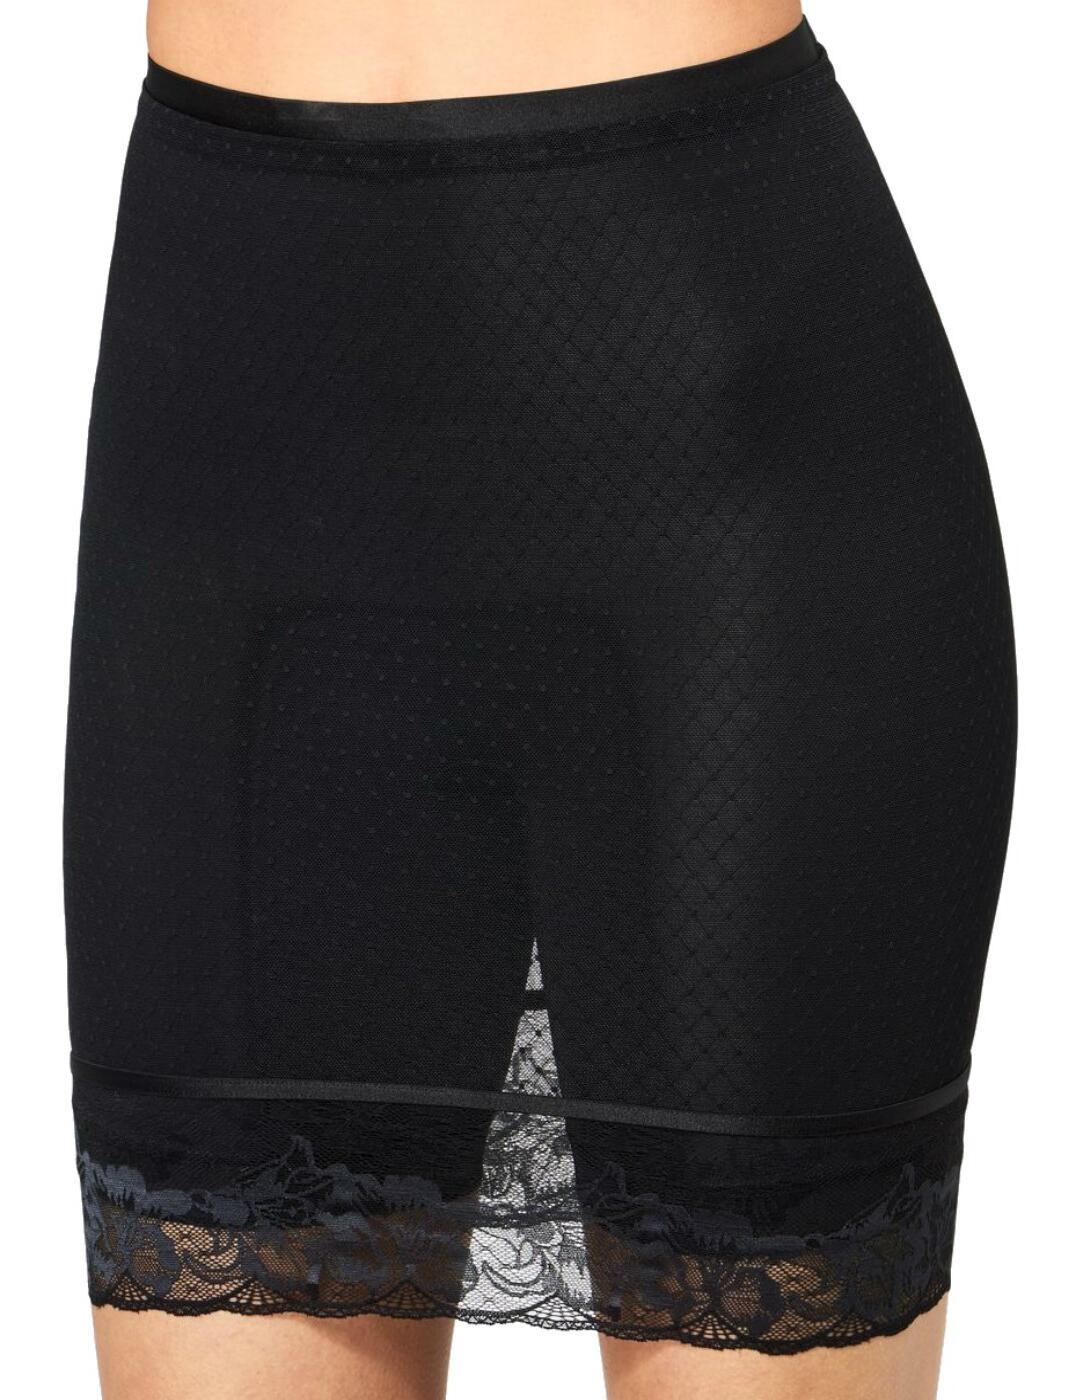 c96021974a5a Triumph Magic Wire Lite Panty L Skirt - Belle Lingerie